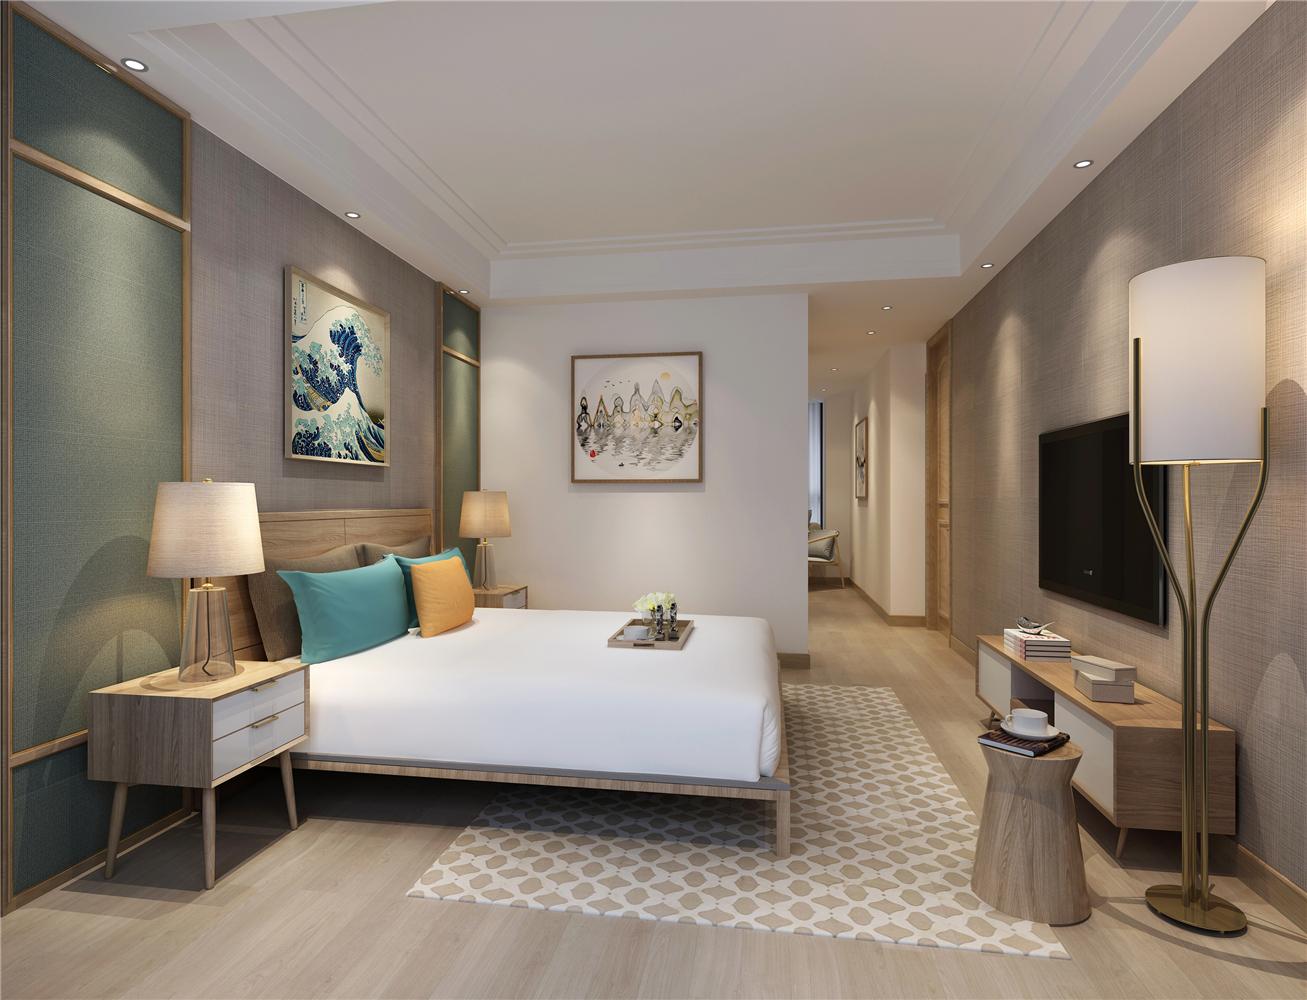 日式风格两居卧室装修效果图